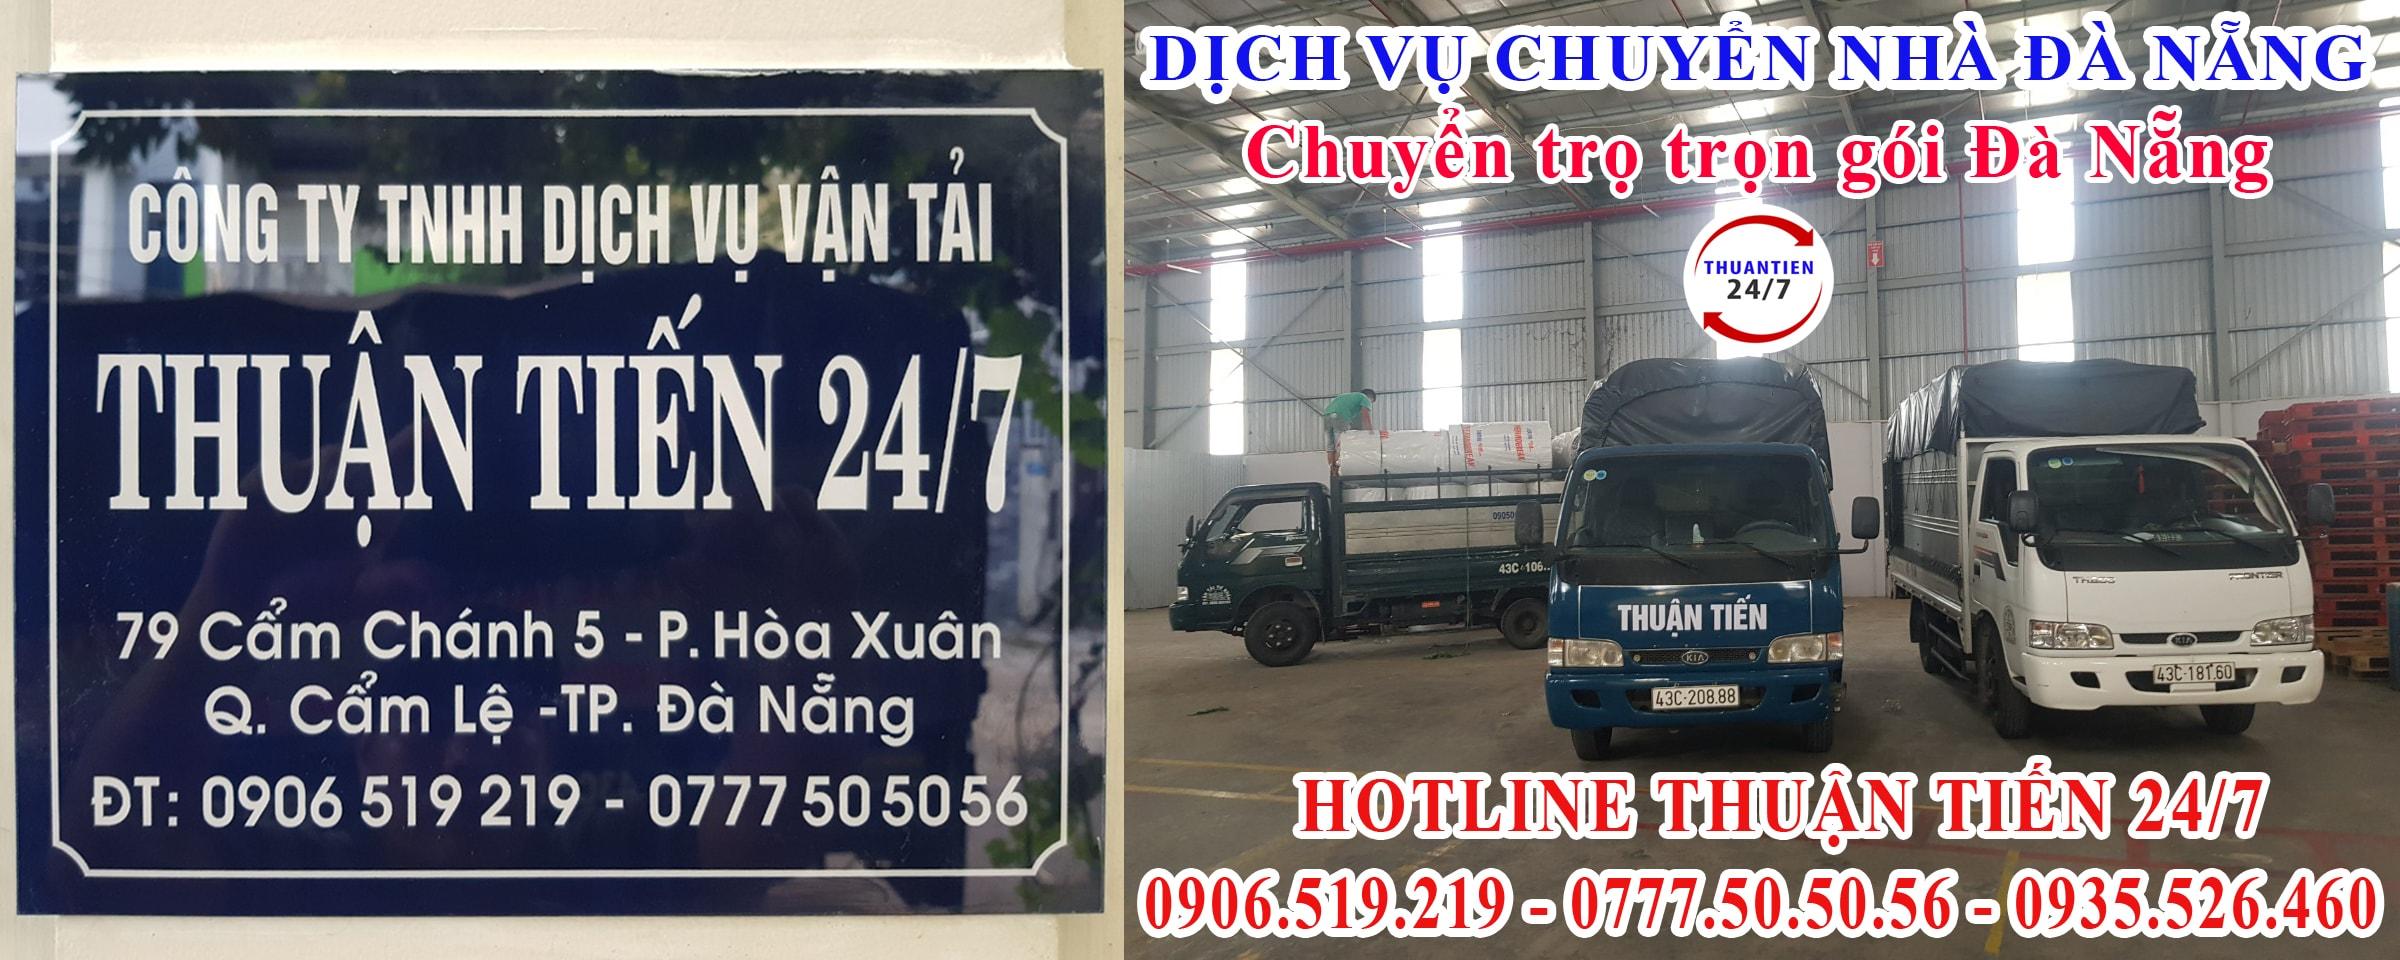 Vận tải Thuận Tiến 24/7 - Dịch vụ chuyển nhà Đà Nẵng